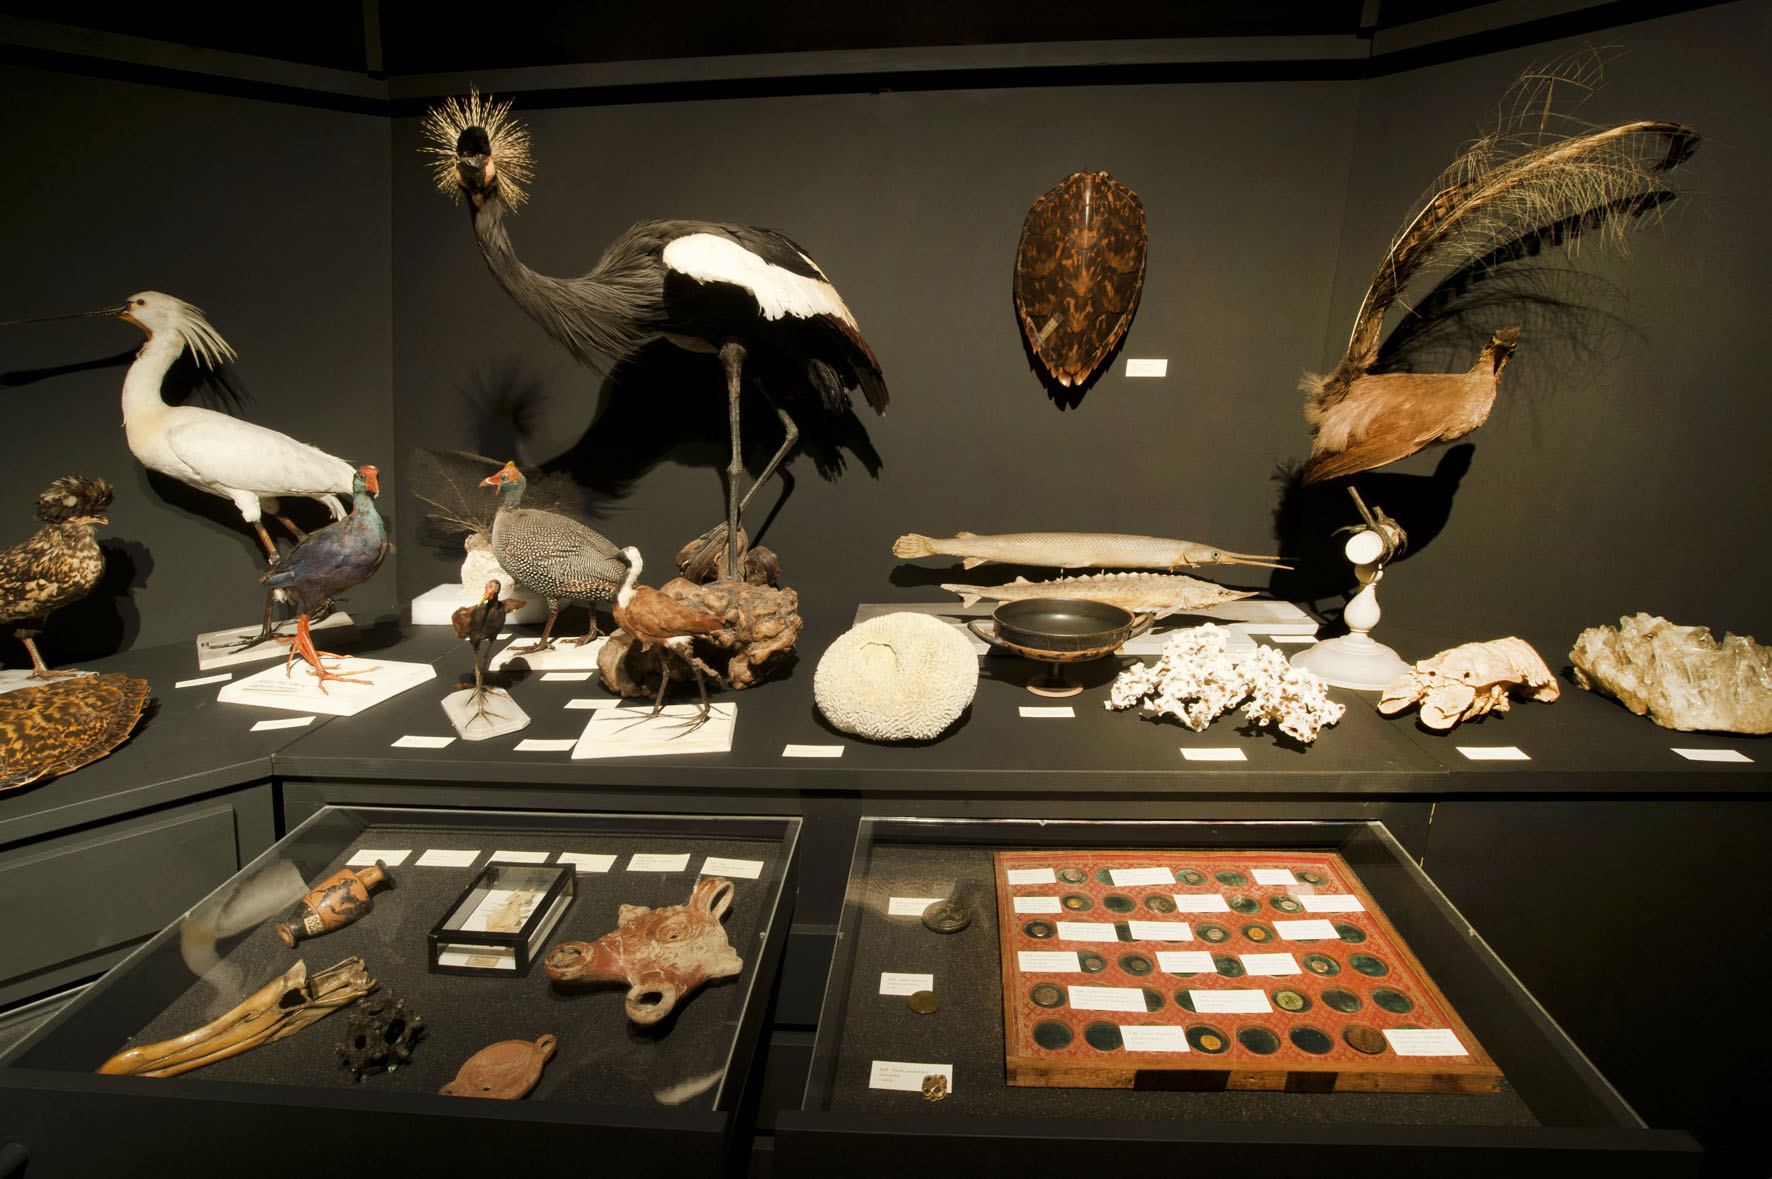 Art contemporain et cabinets de curiosit s - Cabinet de curiosite contemporain ...